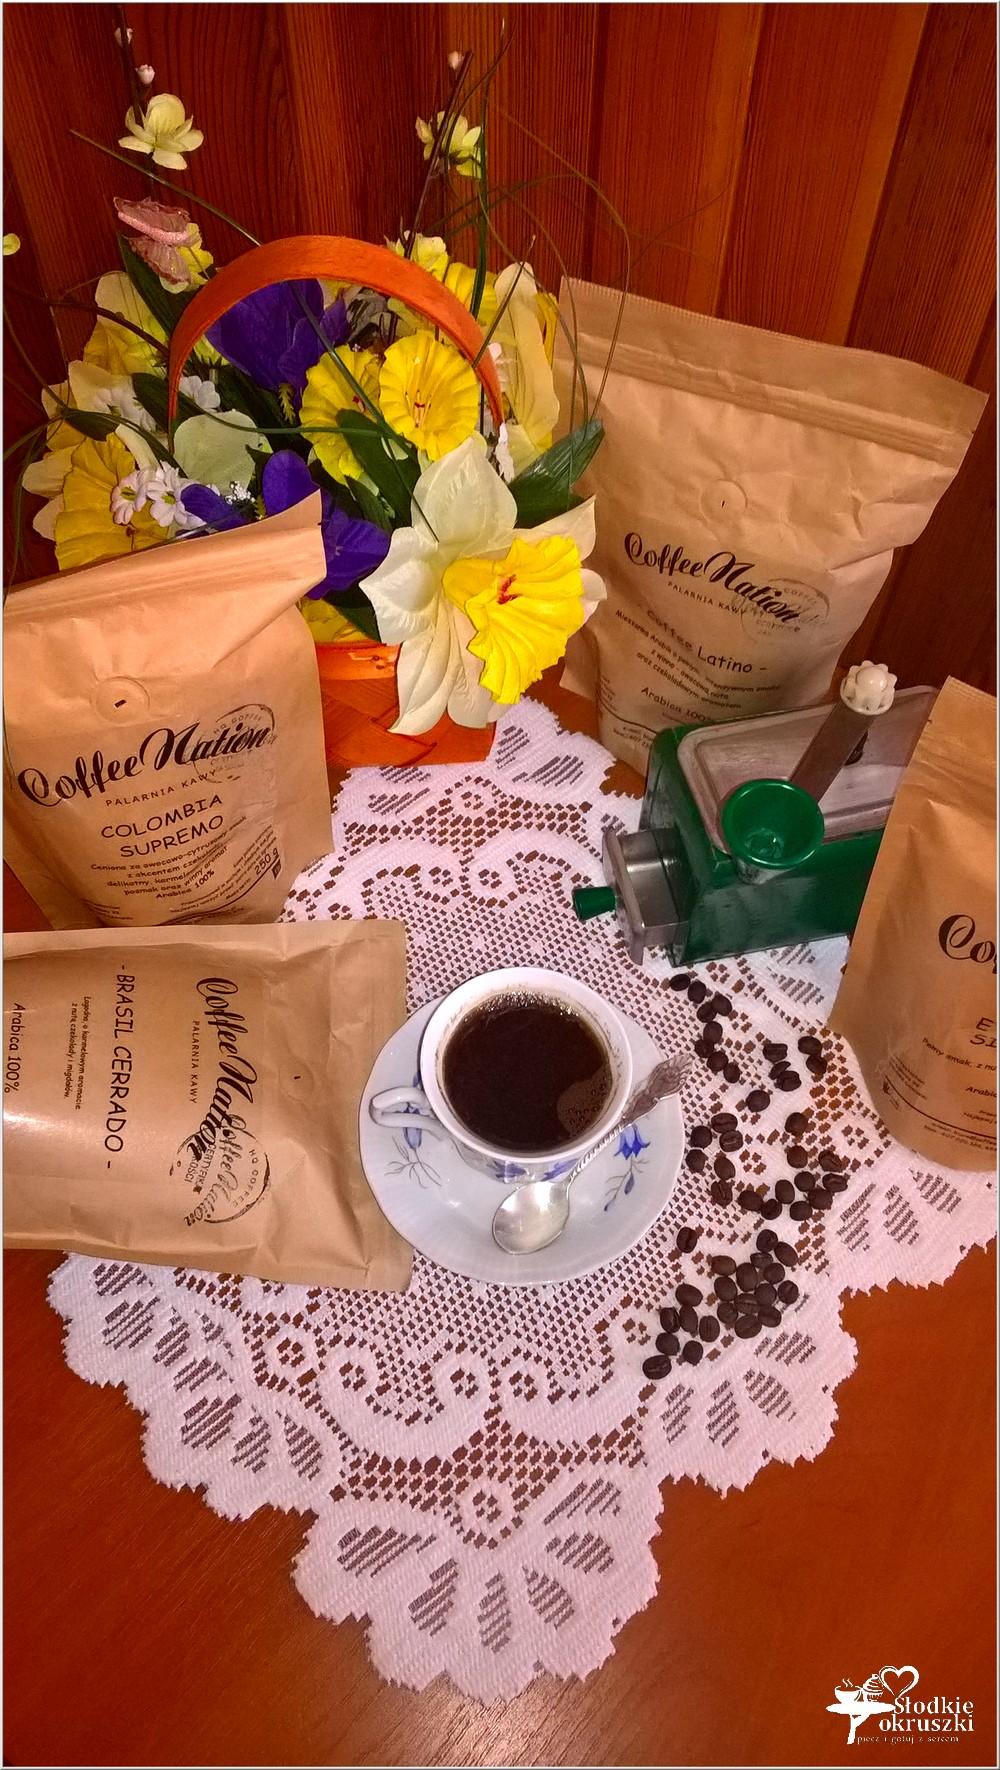 kawa z palarni CoffeNation (1)